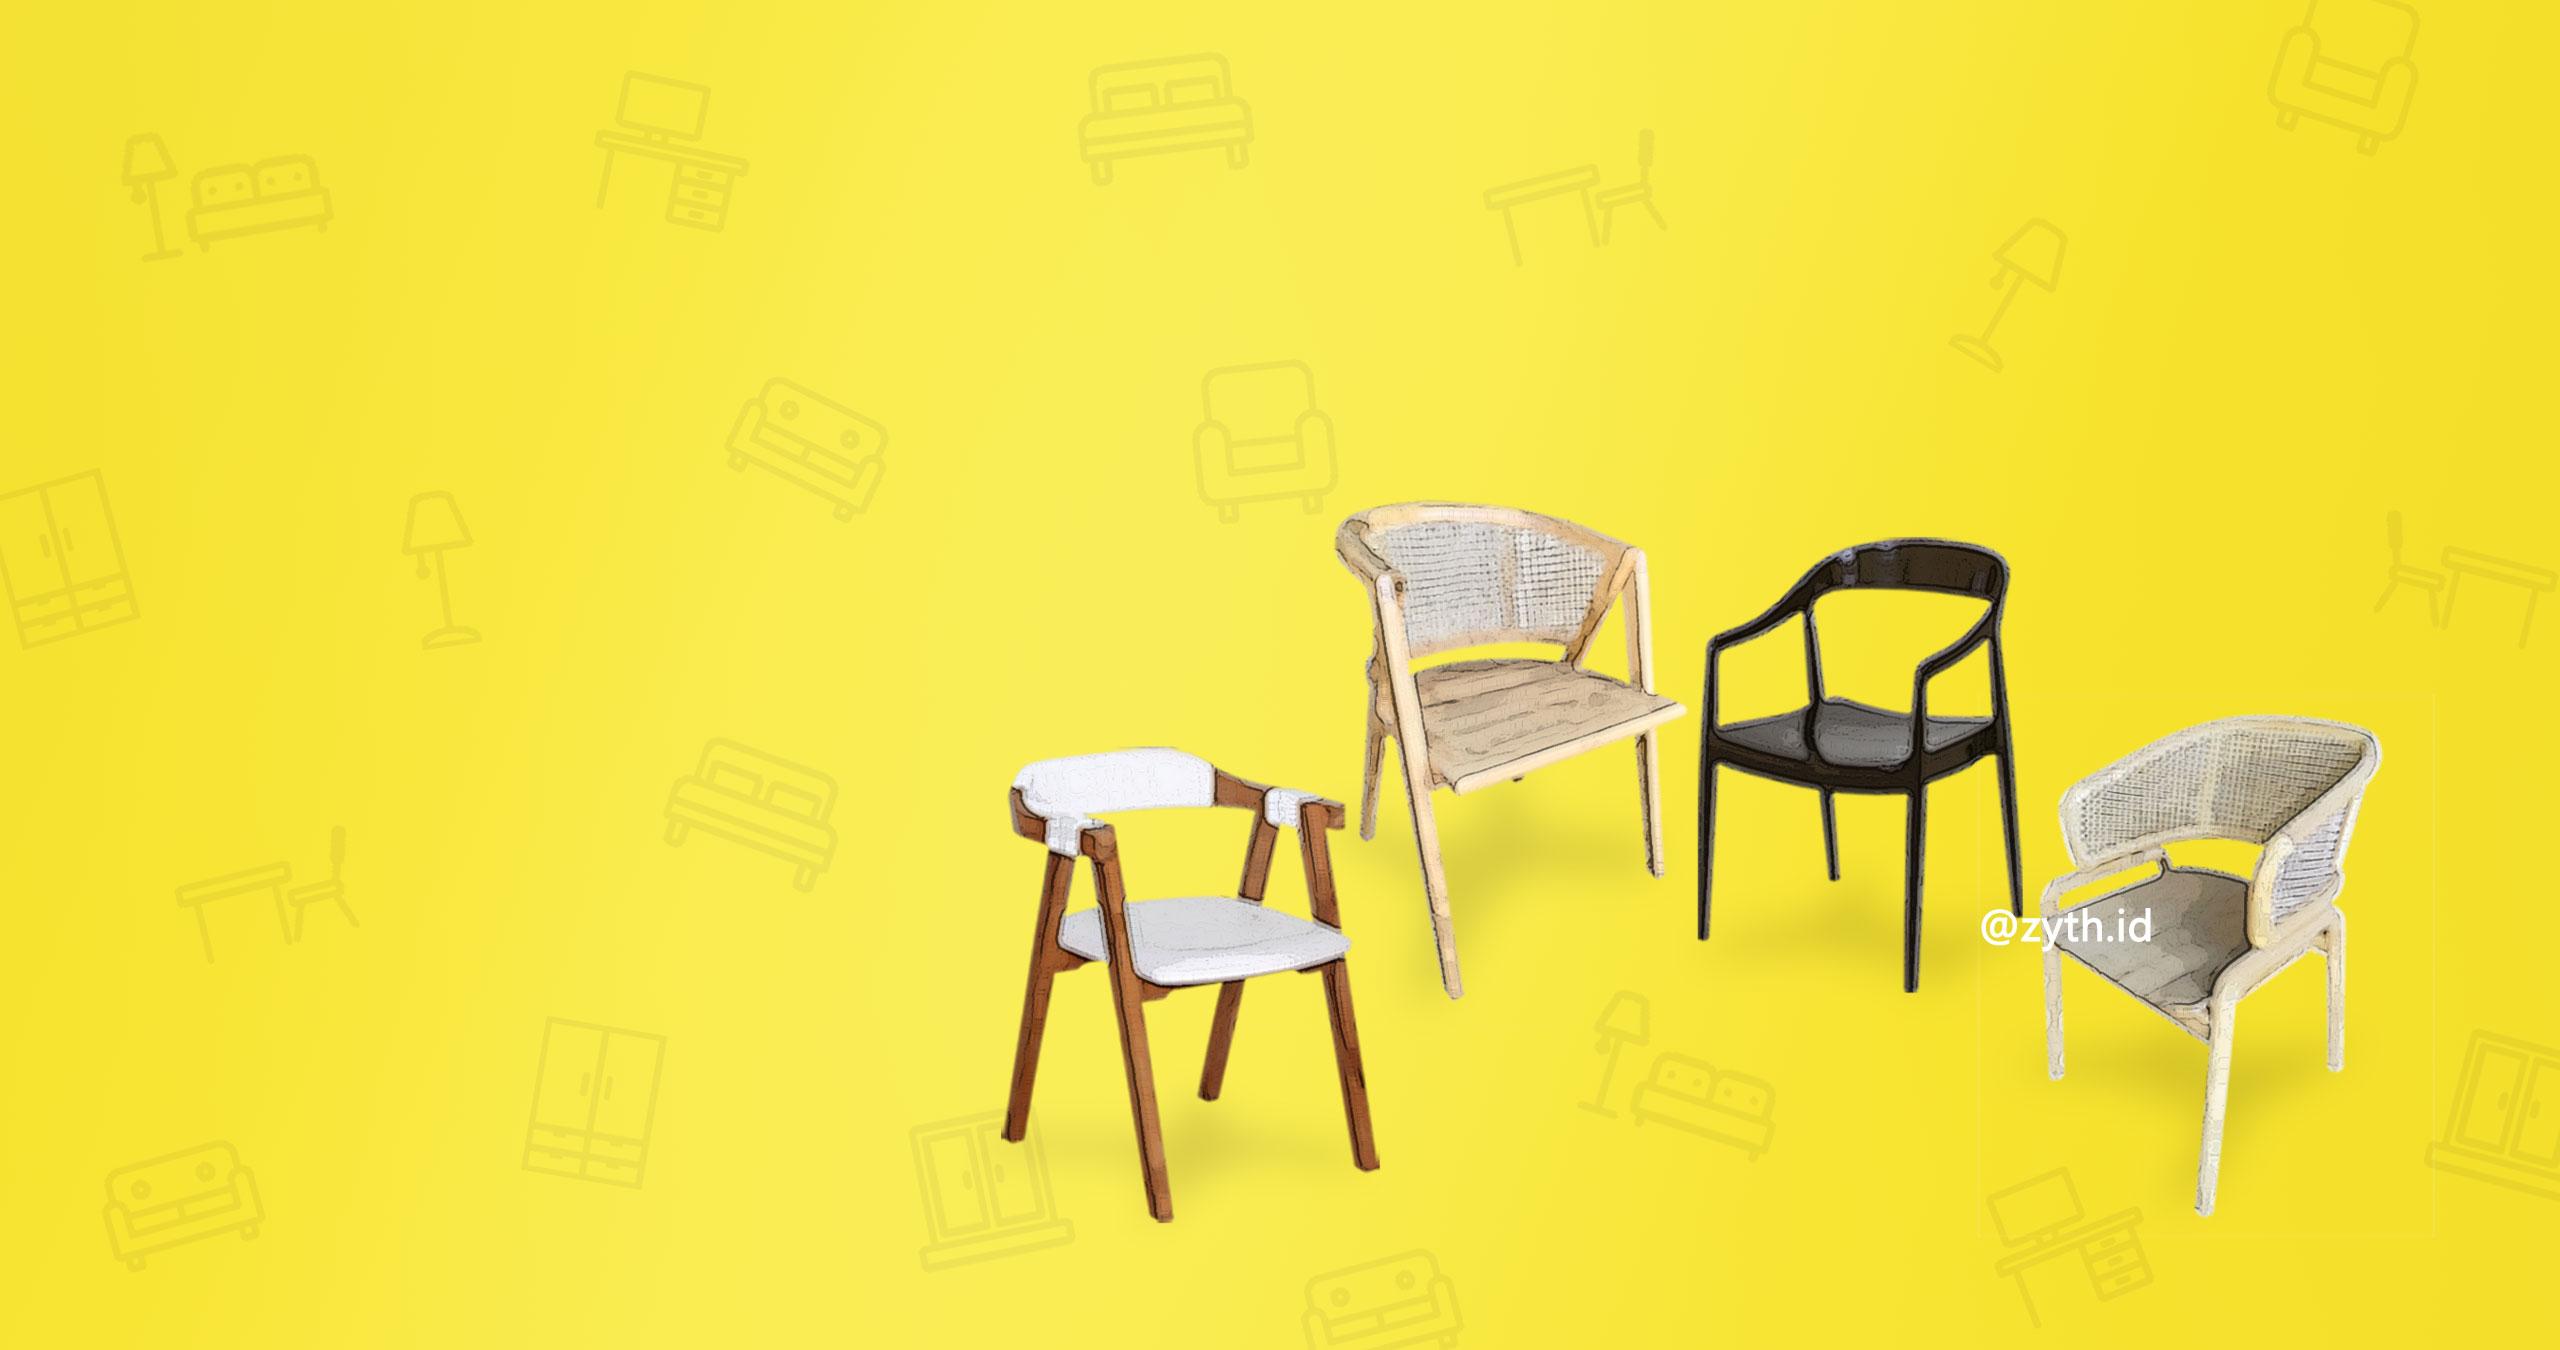 Toko Furniture Cafe Menjual Kursi Makan dan Meja Makan